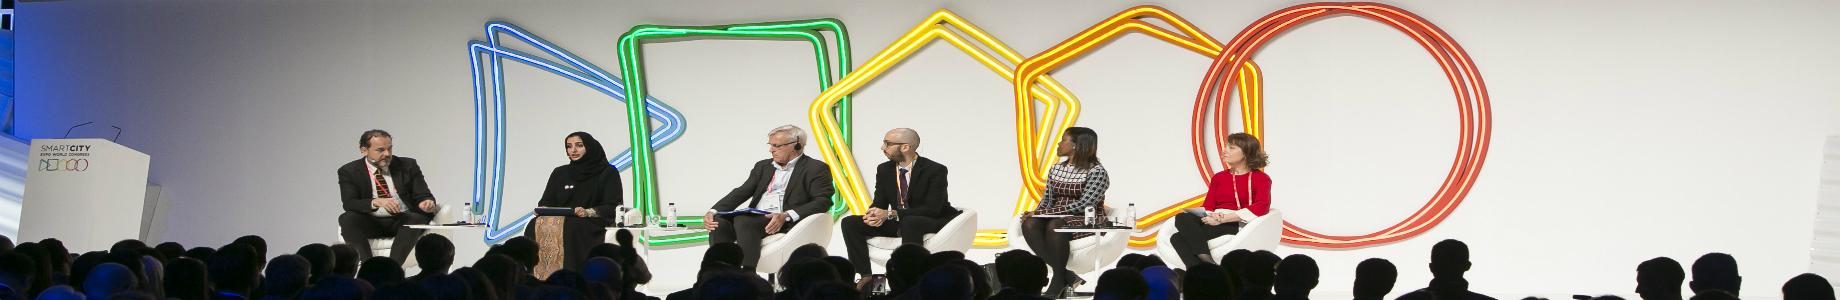 Smart City Expo World Congress: la ciudad como espejo de la inteligencia colectiva